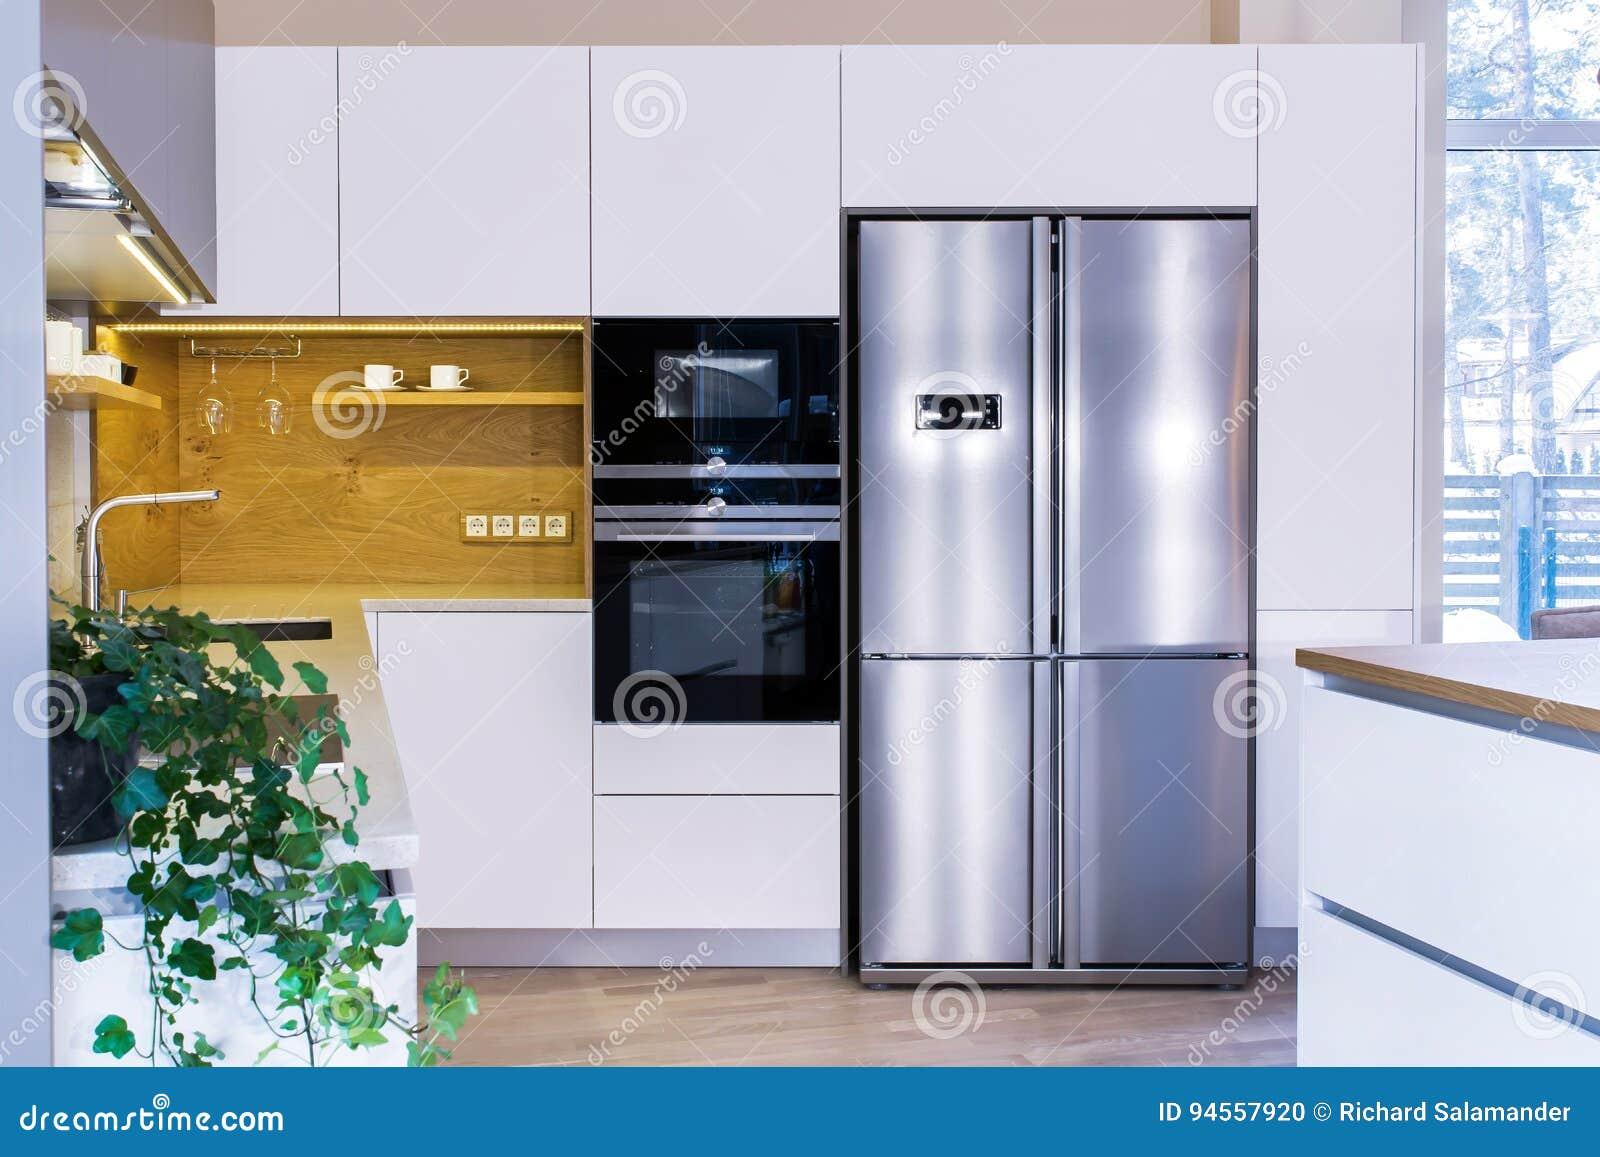 Σύγχρονο σχέδιο κουζινών στο ελαφρύ εσωτερικό